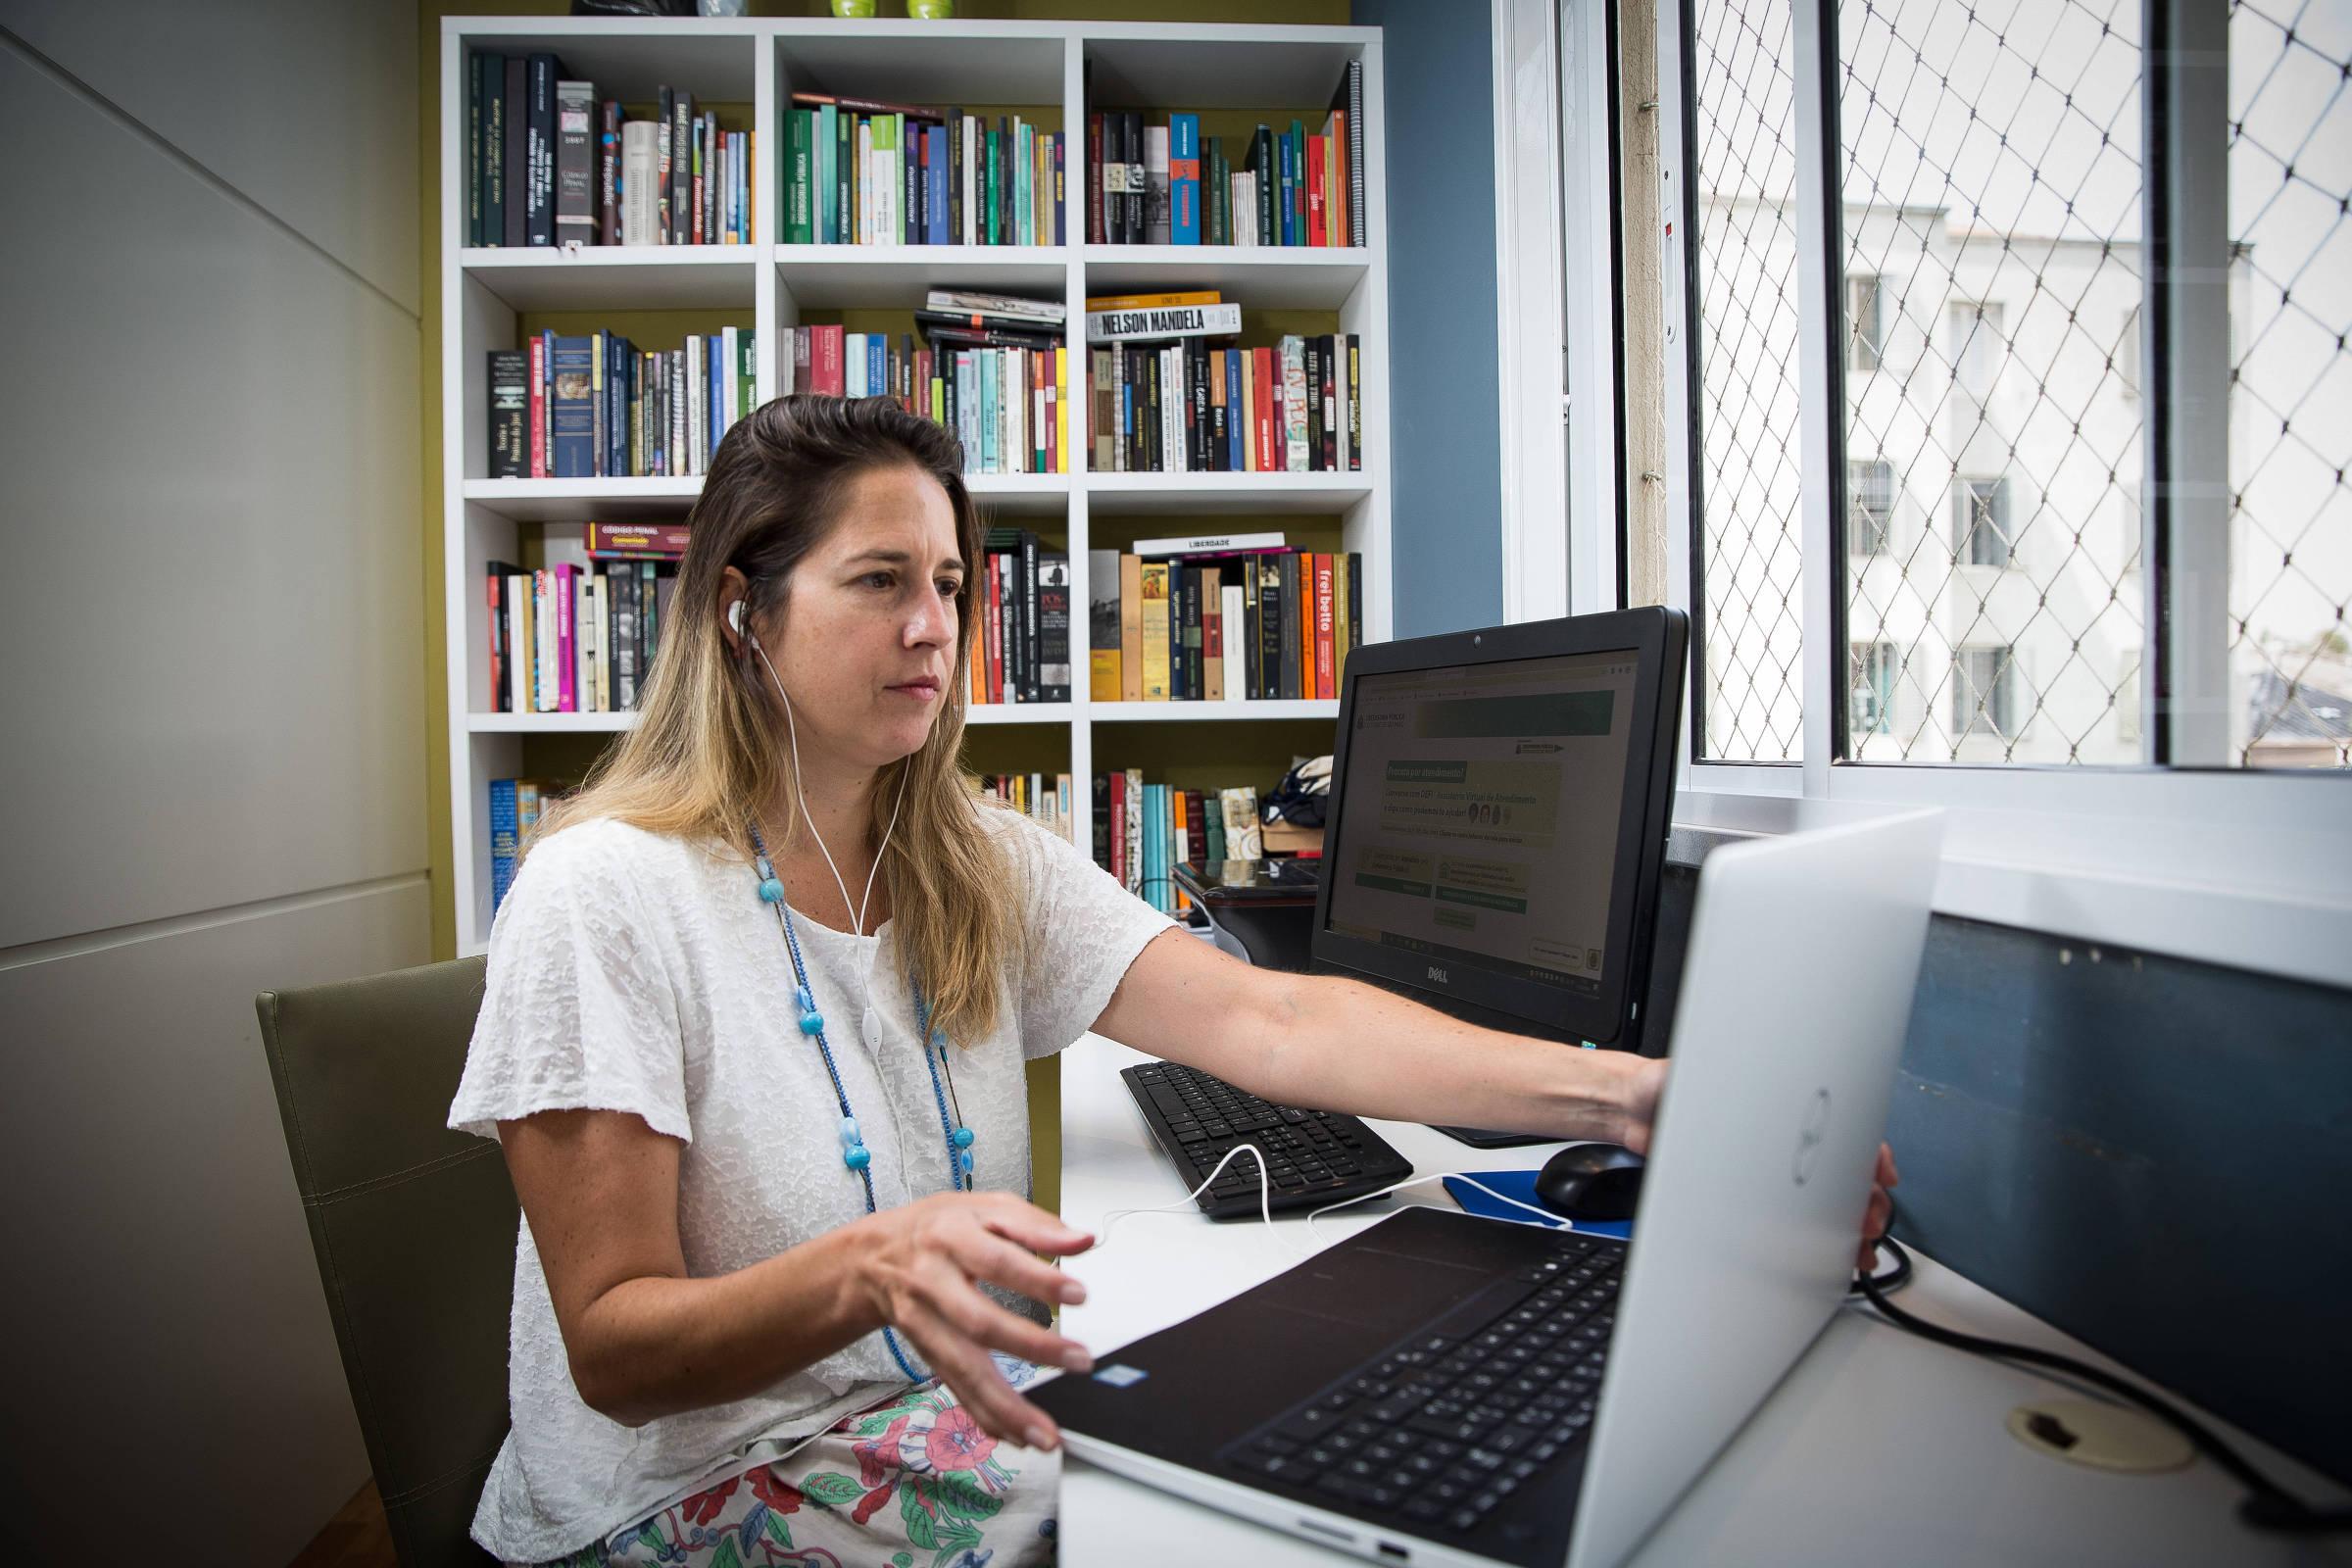 Sentada, a controladora-geral da Defensoria Pública de São Paulo Juliana Belloque, que participou da implantação de um sistema de atendimento com inteligência artificial na defensoria